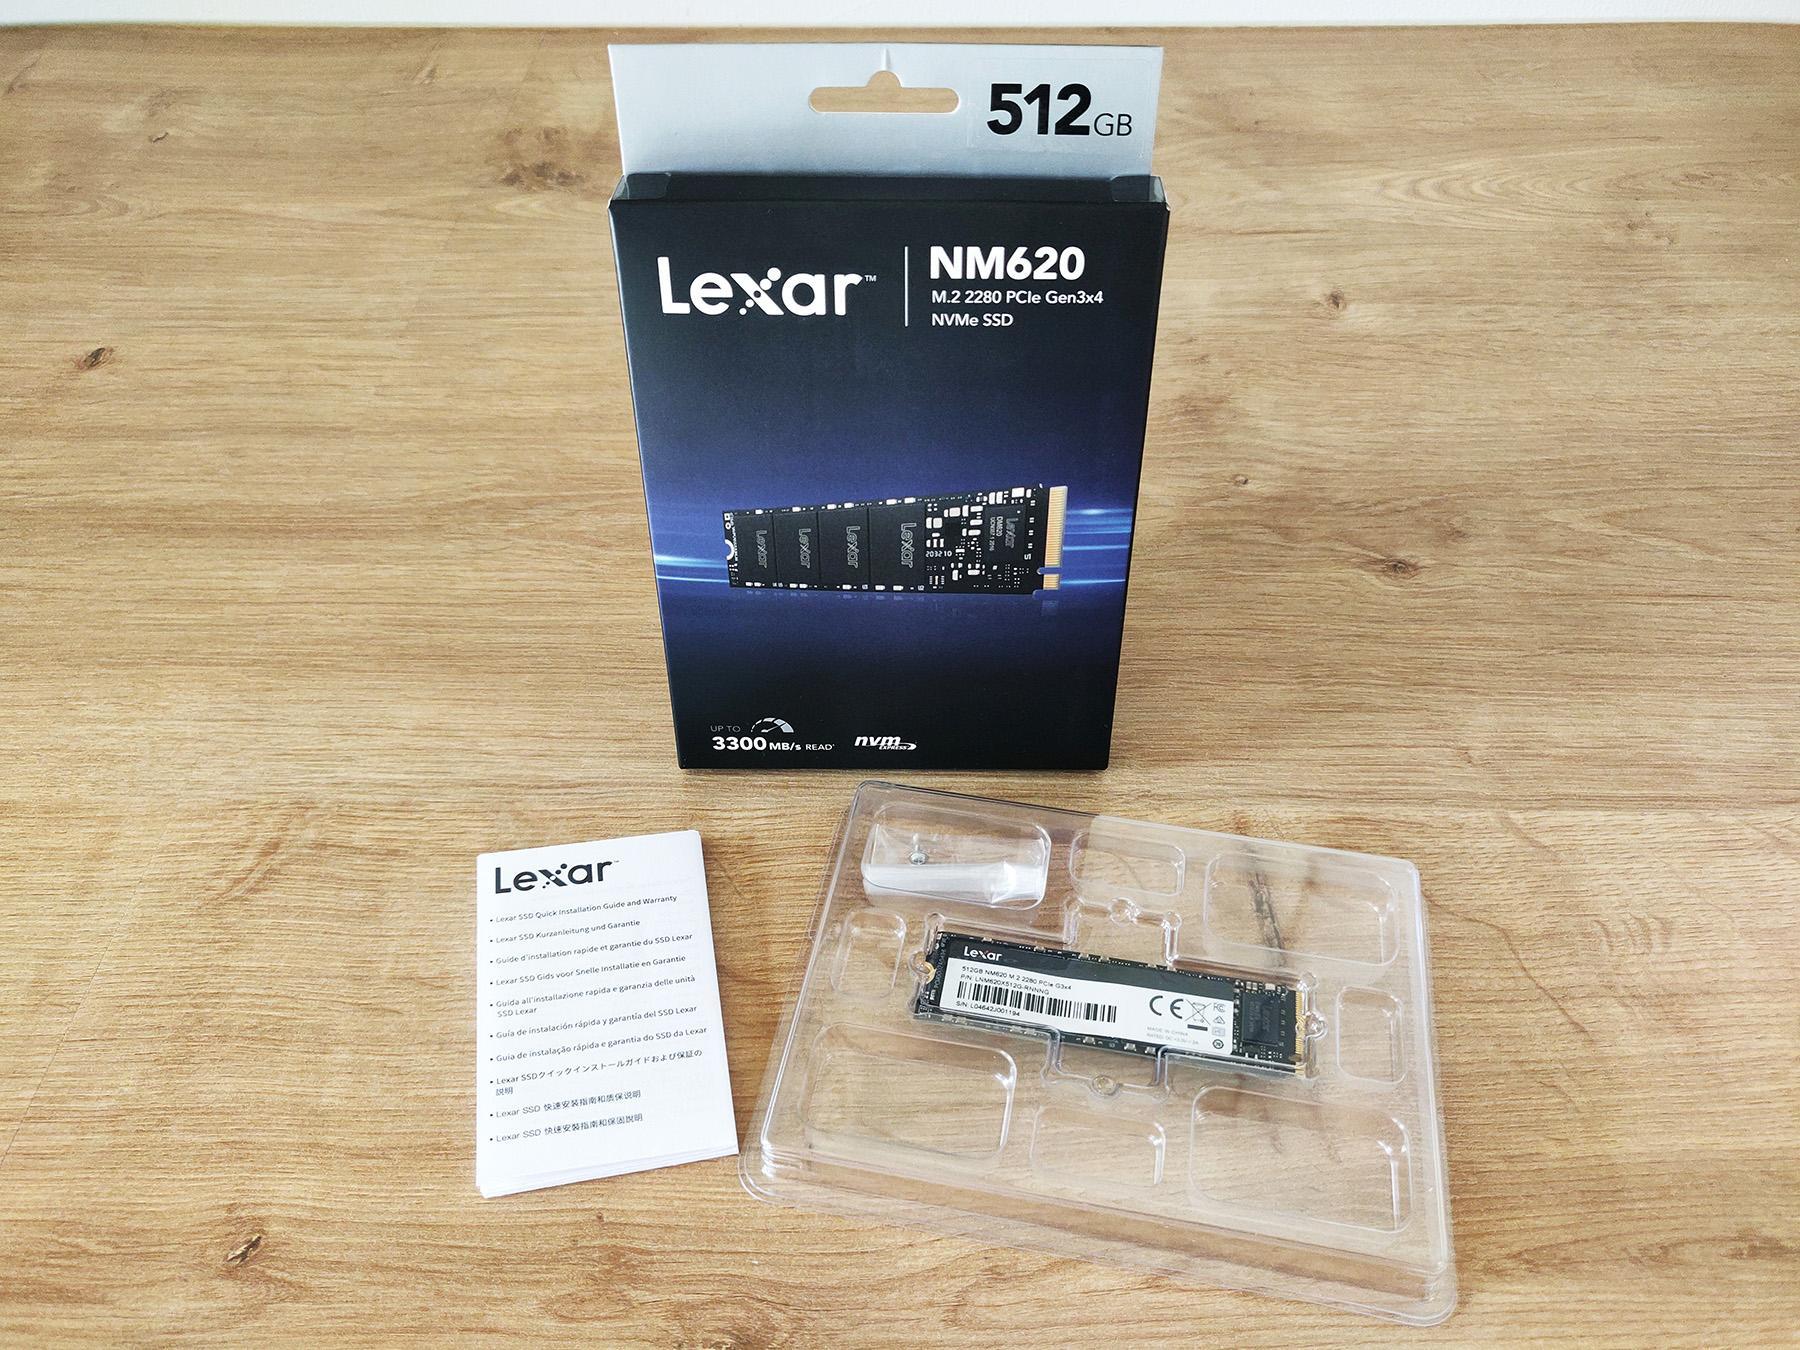 Lexar Ssd Nm620 Box Packaging Bundle 512 Omgpu Test